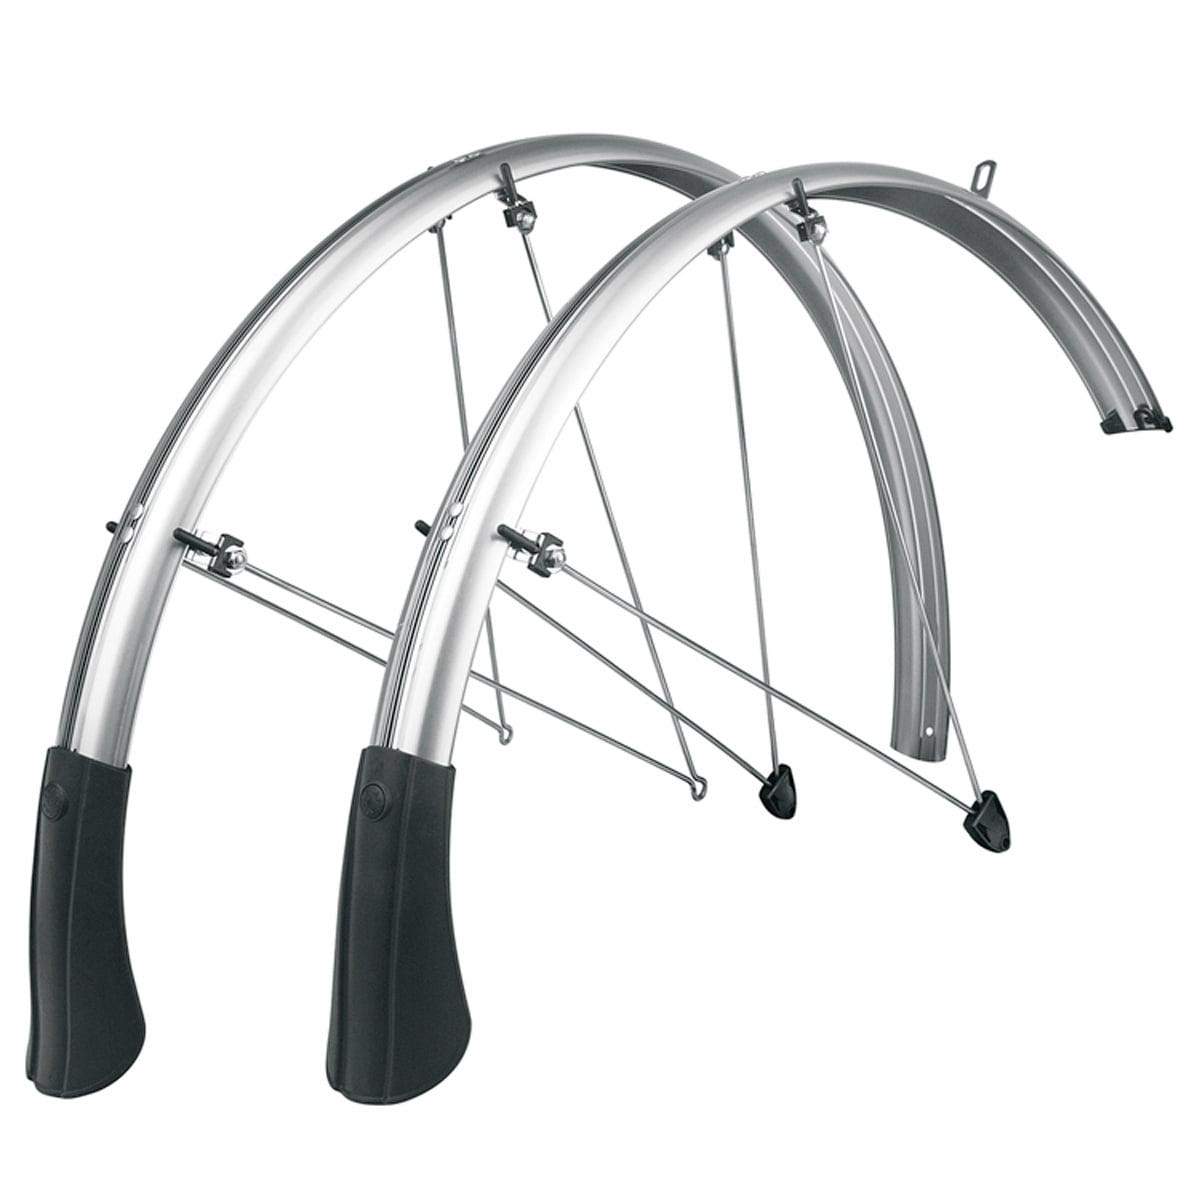 SKS P65 Chromoplastic Longboard Bicycle Fenders - Pair - 26 x 2.1-2.35